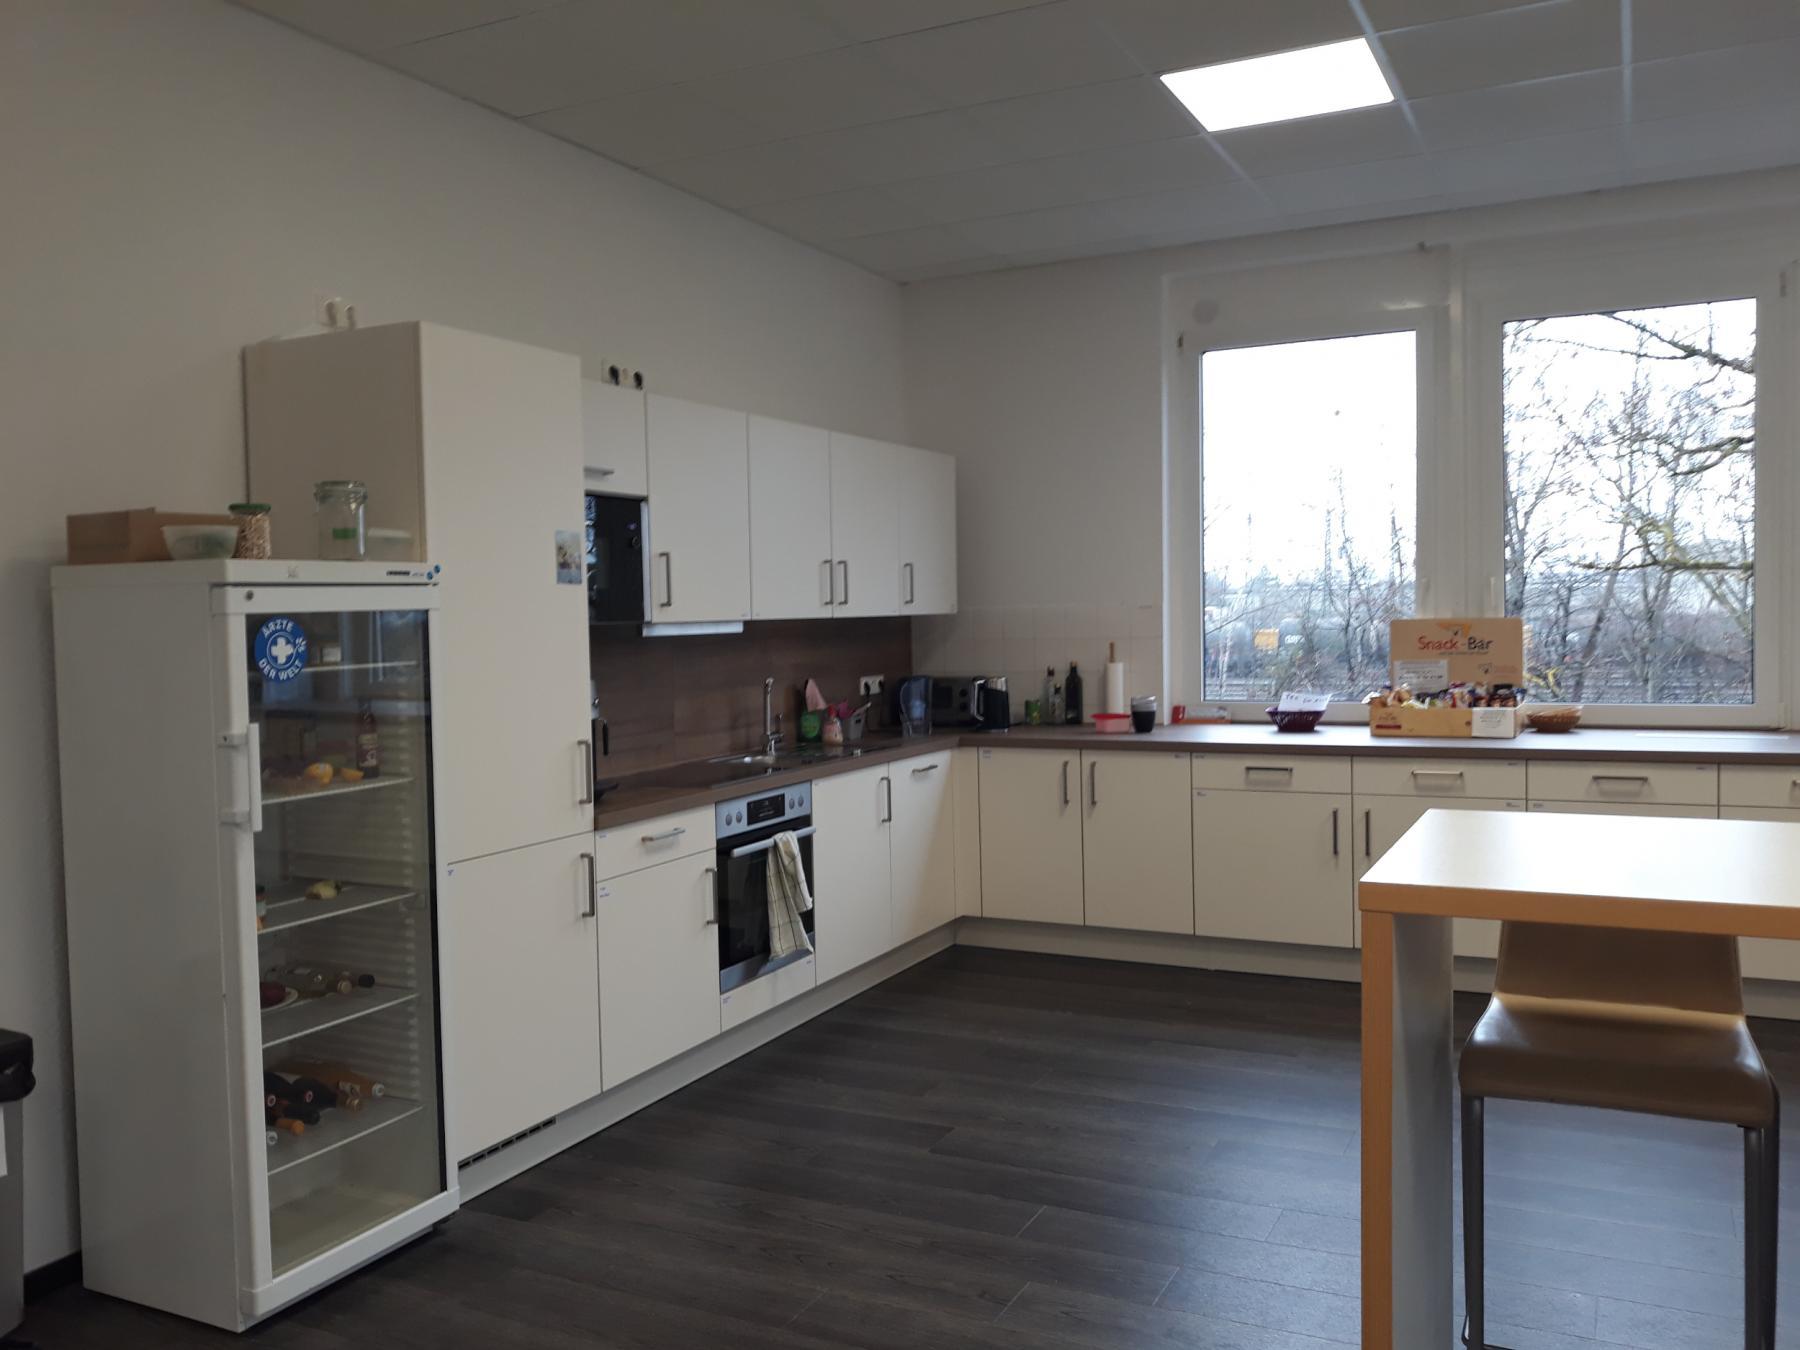 Voll ausgestattete Gemeinschaftsküche im Business Center in München Landsberger Straße